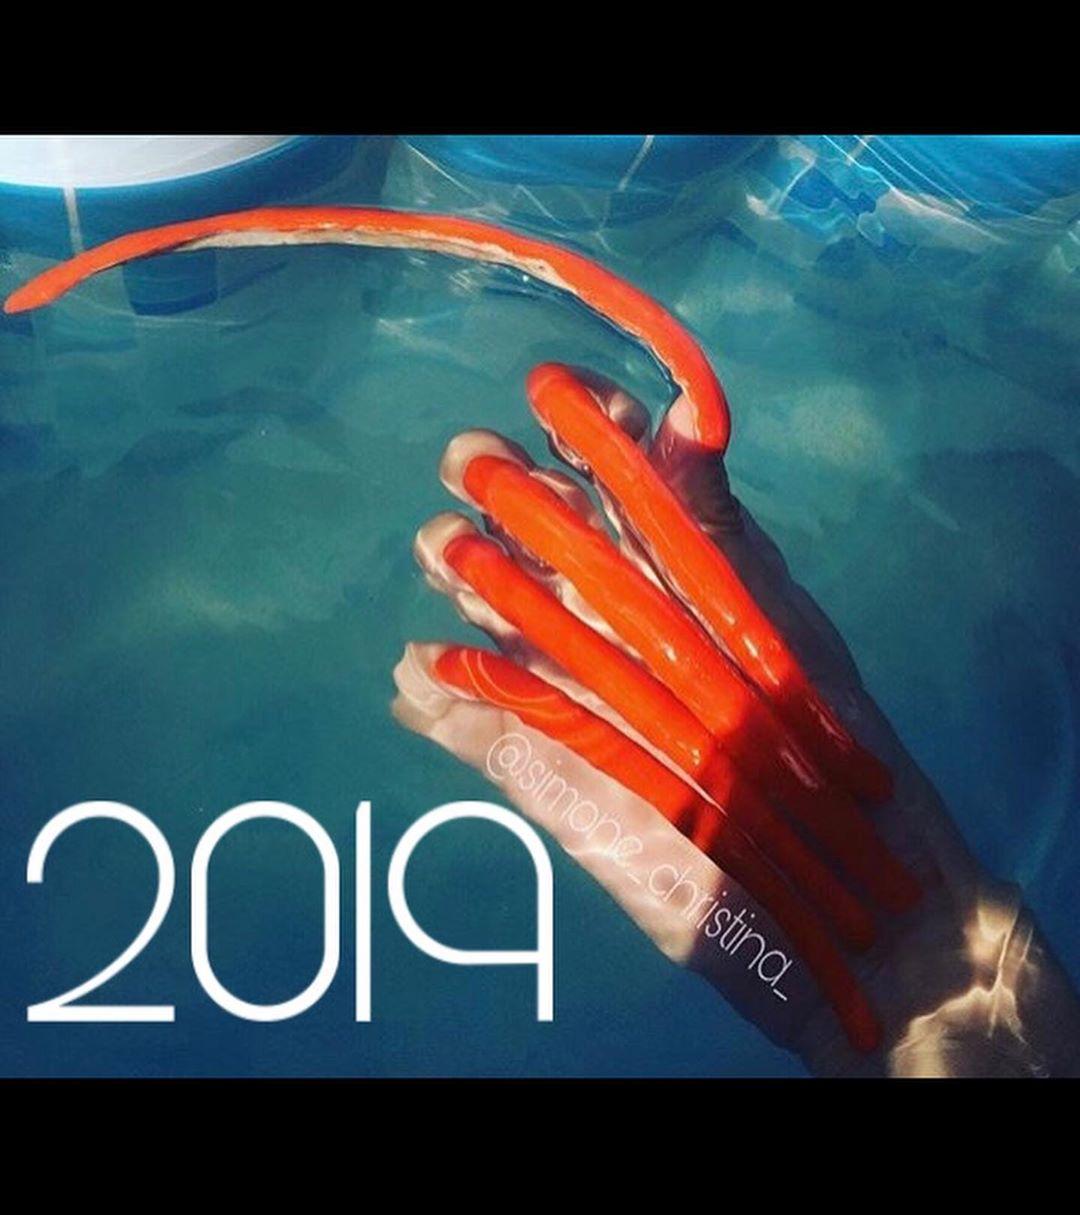 六年都没剪过!18岁网红「指甲超过15公分」 网吓歪:超像巫婆